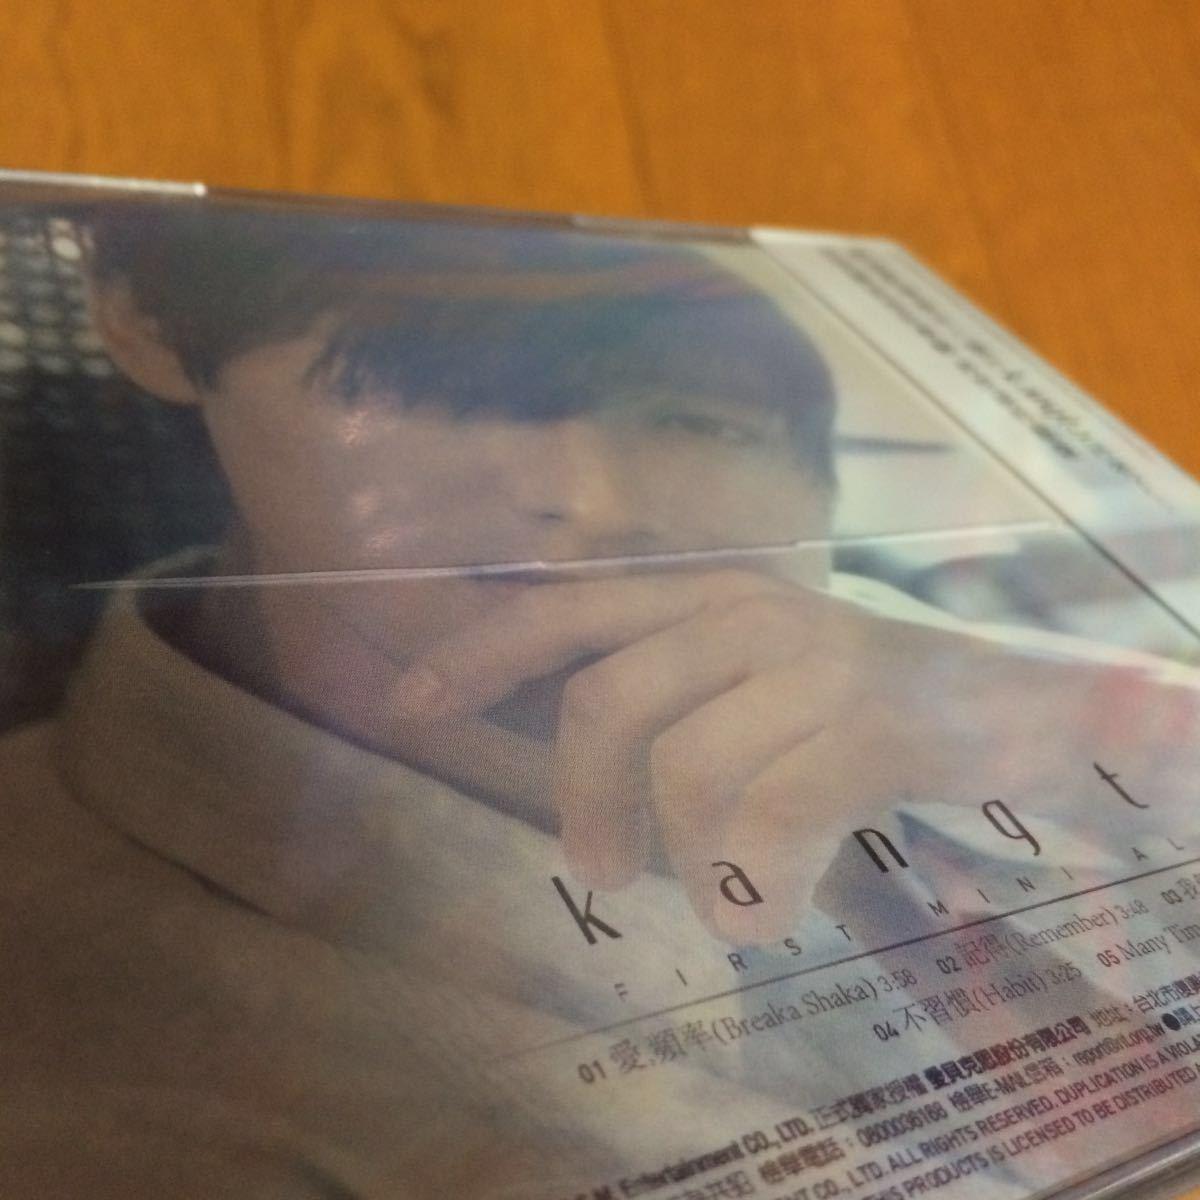 【新品・ケース割れ有り】カンタ KANGTA 「安七炫 FIRST MINI ALBUM 靜享七樂」中華圏発売版CD ミニアルバム 輸入盤 K-Pop_ひび割れ有り